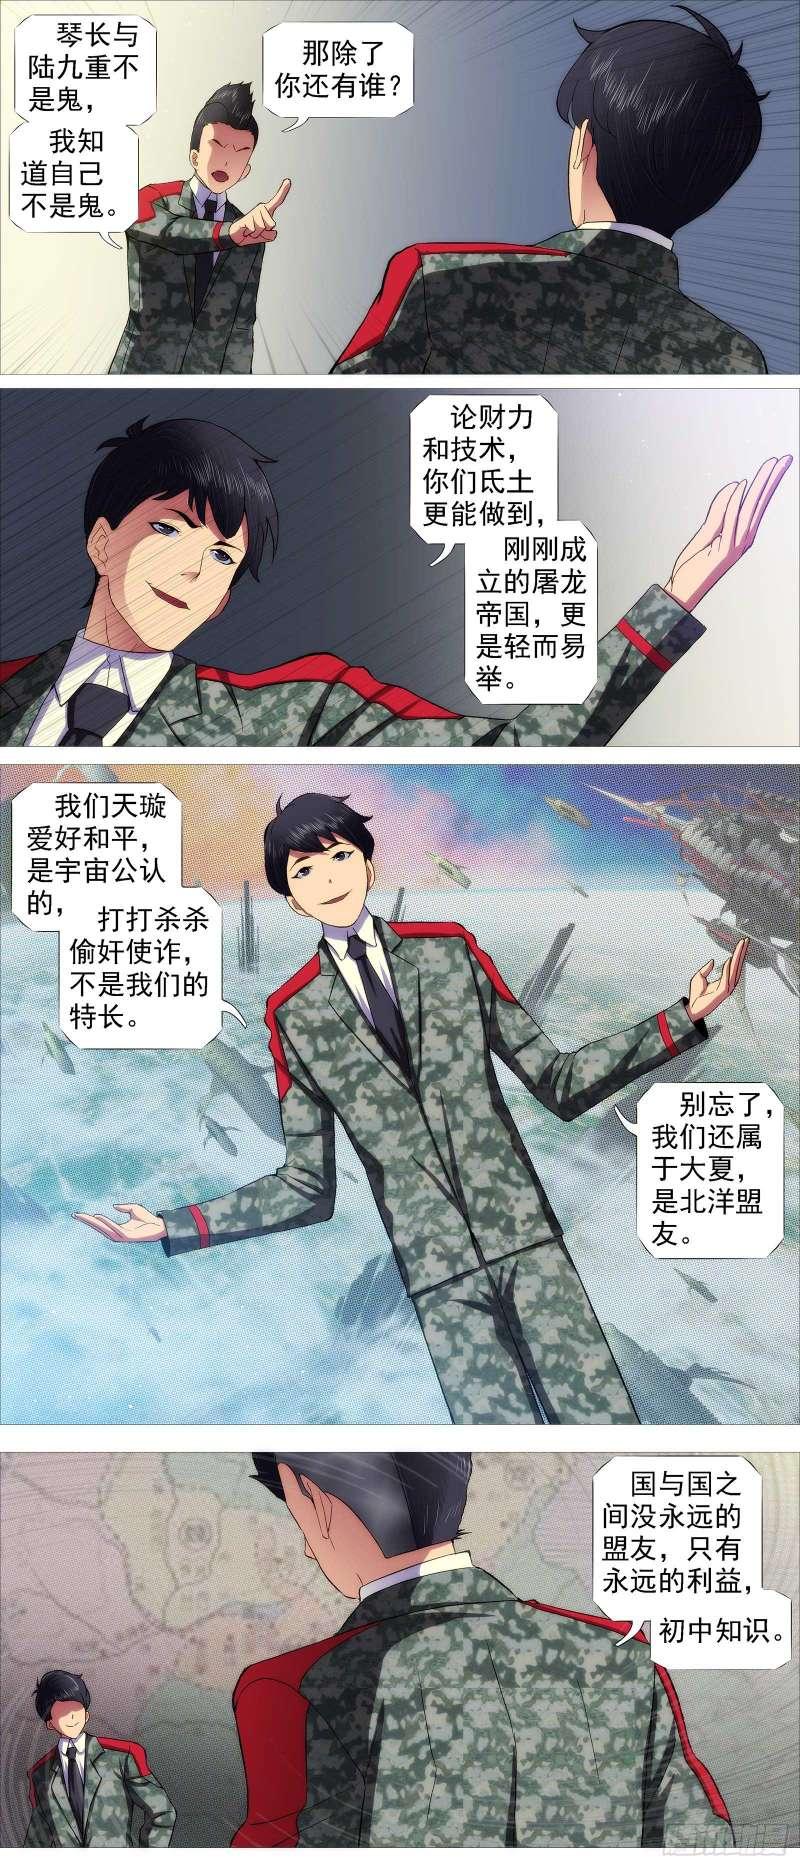 【漫画更新】铁姬钢兵419~421